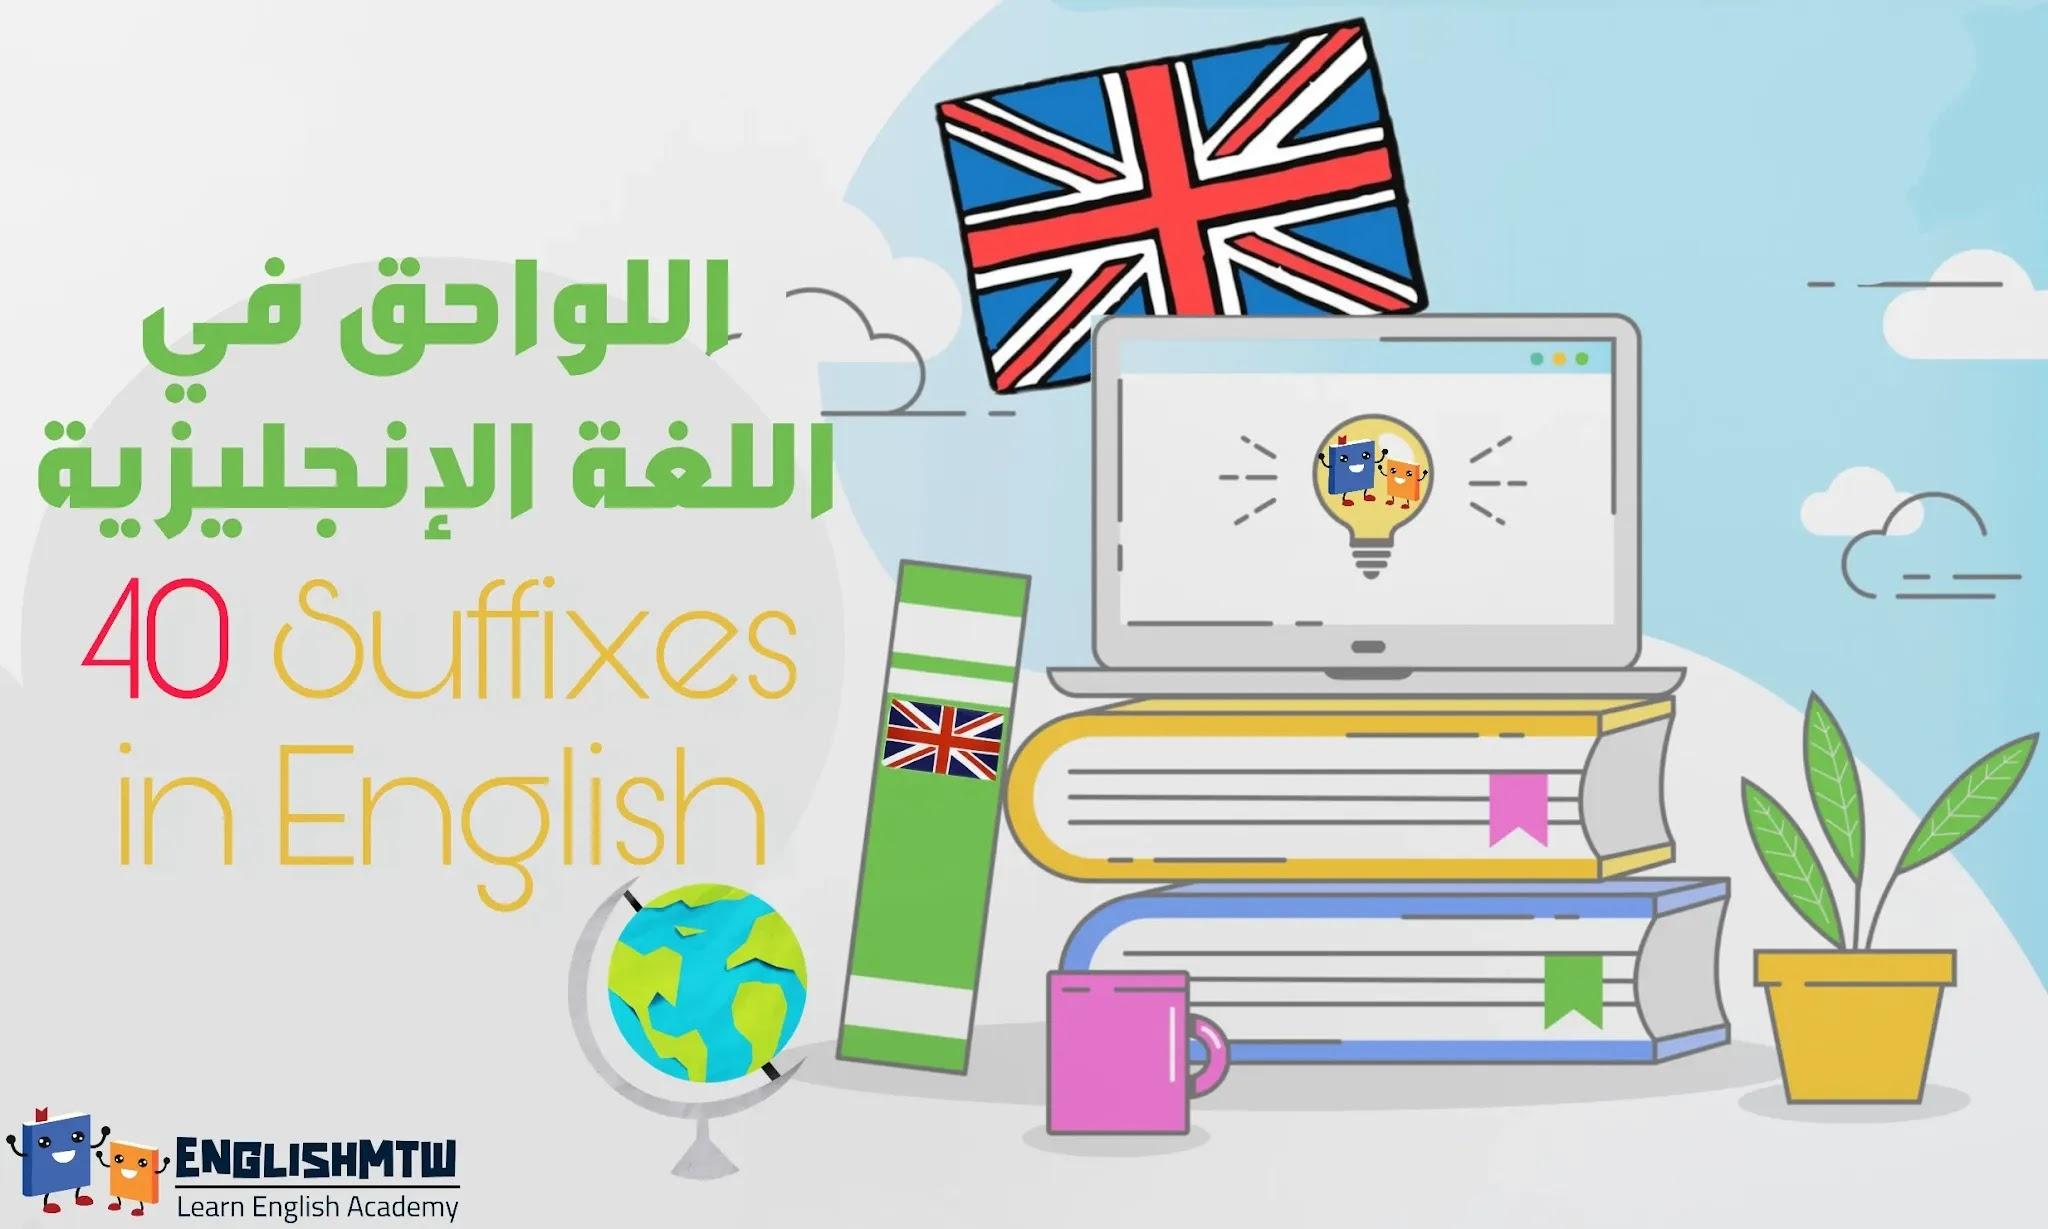 السوابق واللواحق في اللغة الإنجليزية pdf,اللواحق في اللغة العربية,كلمات suffixes,Prefixes and suffixes شرح بالعربي pdf,Suffixes أمثلة,الفرق بين suffix و prefix,أمثلة على Prefixes and Suffixes,معنى suffix Jr